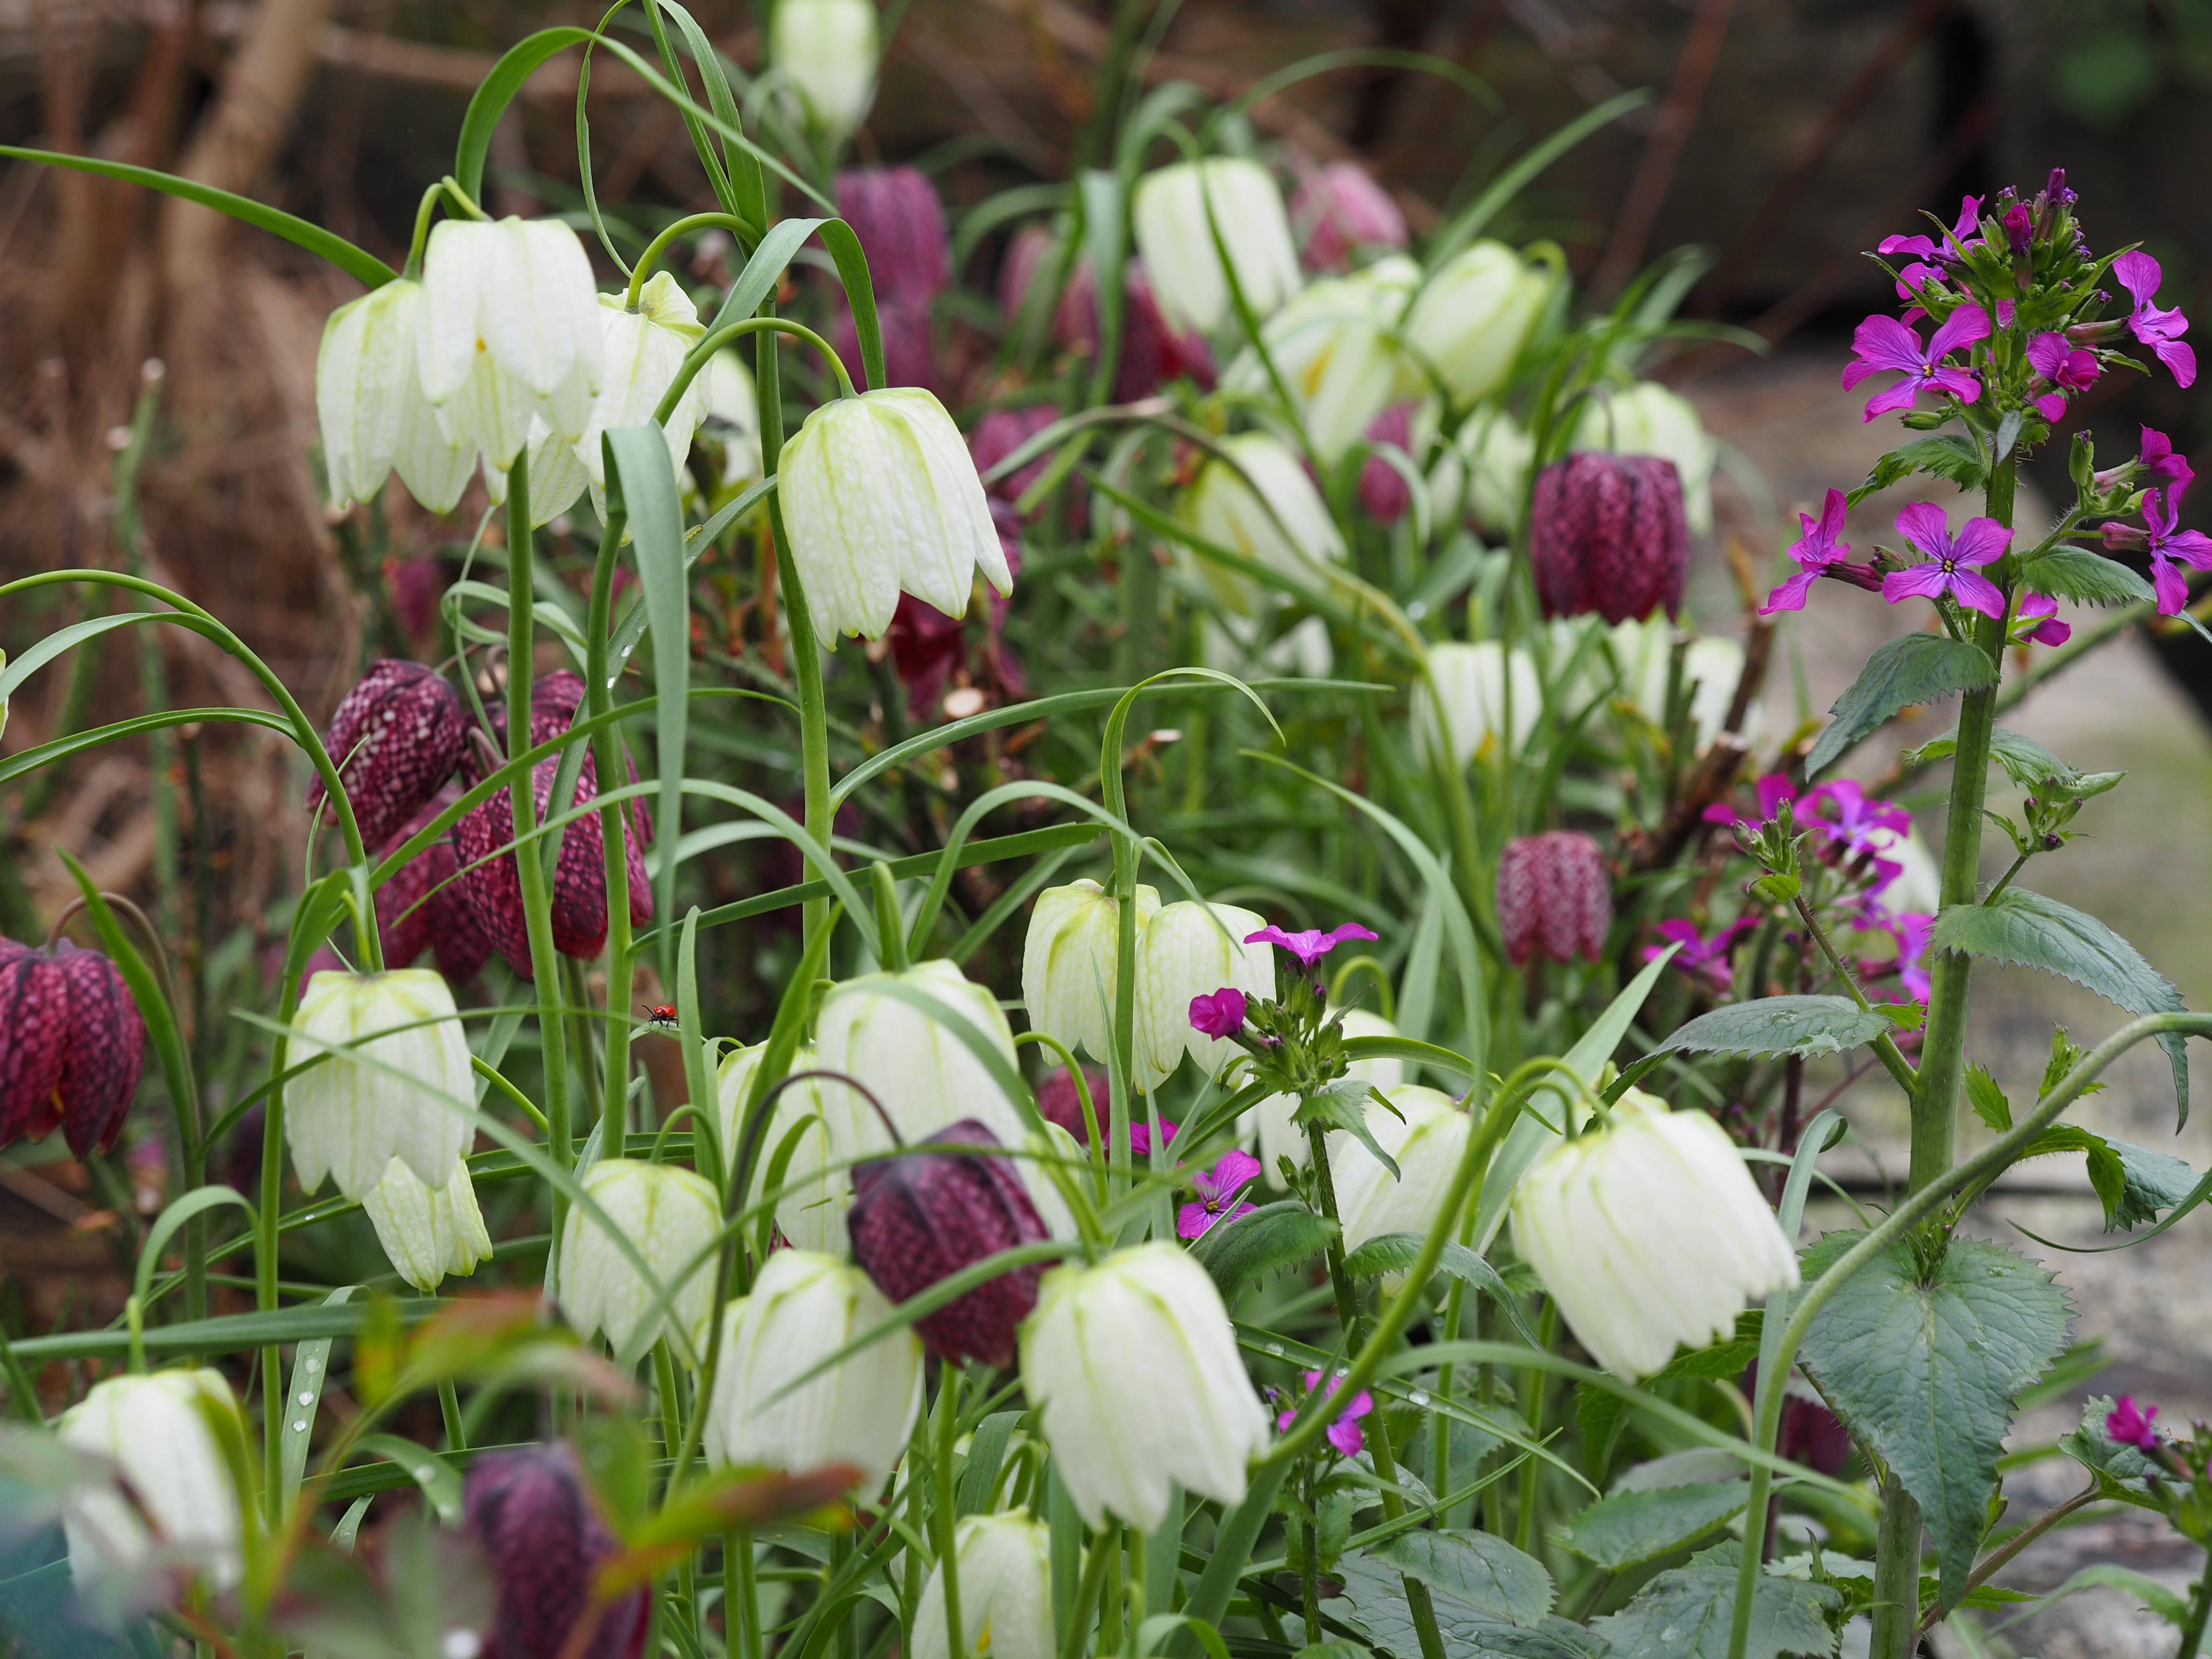 Frø av Rutelilje eller Fritillaria kan såes nå